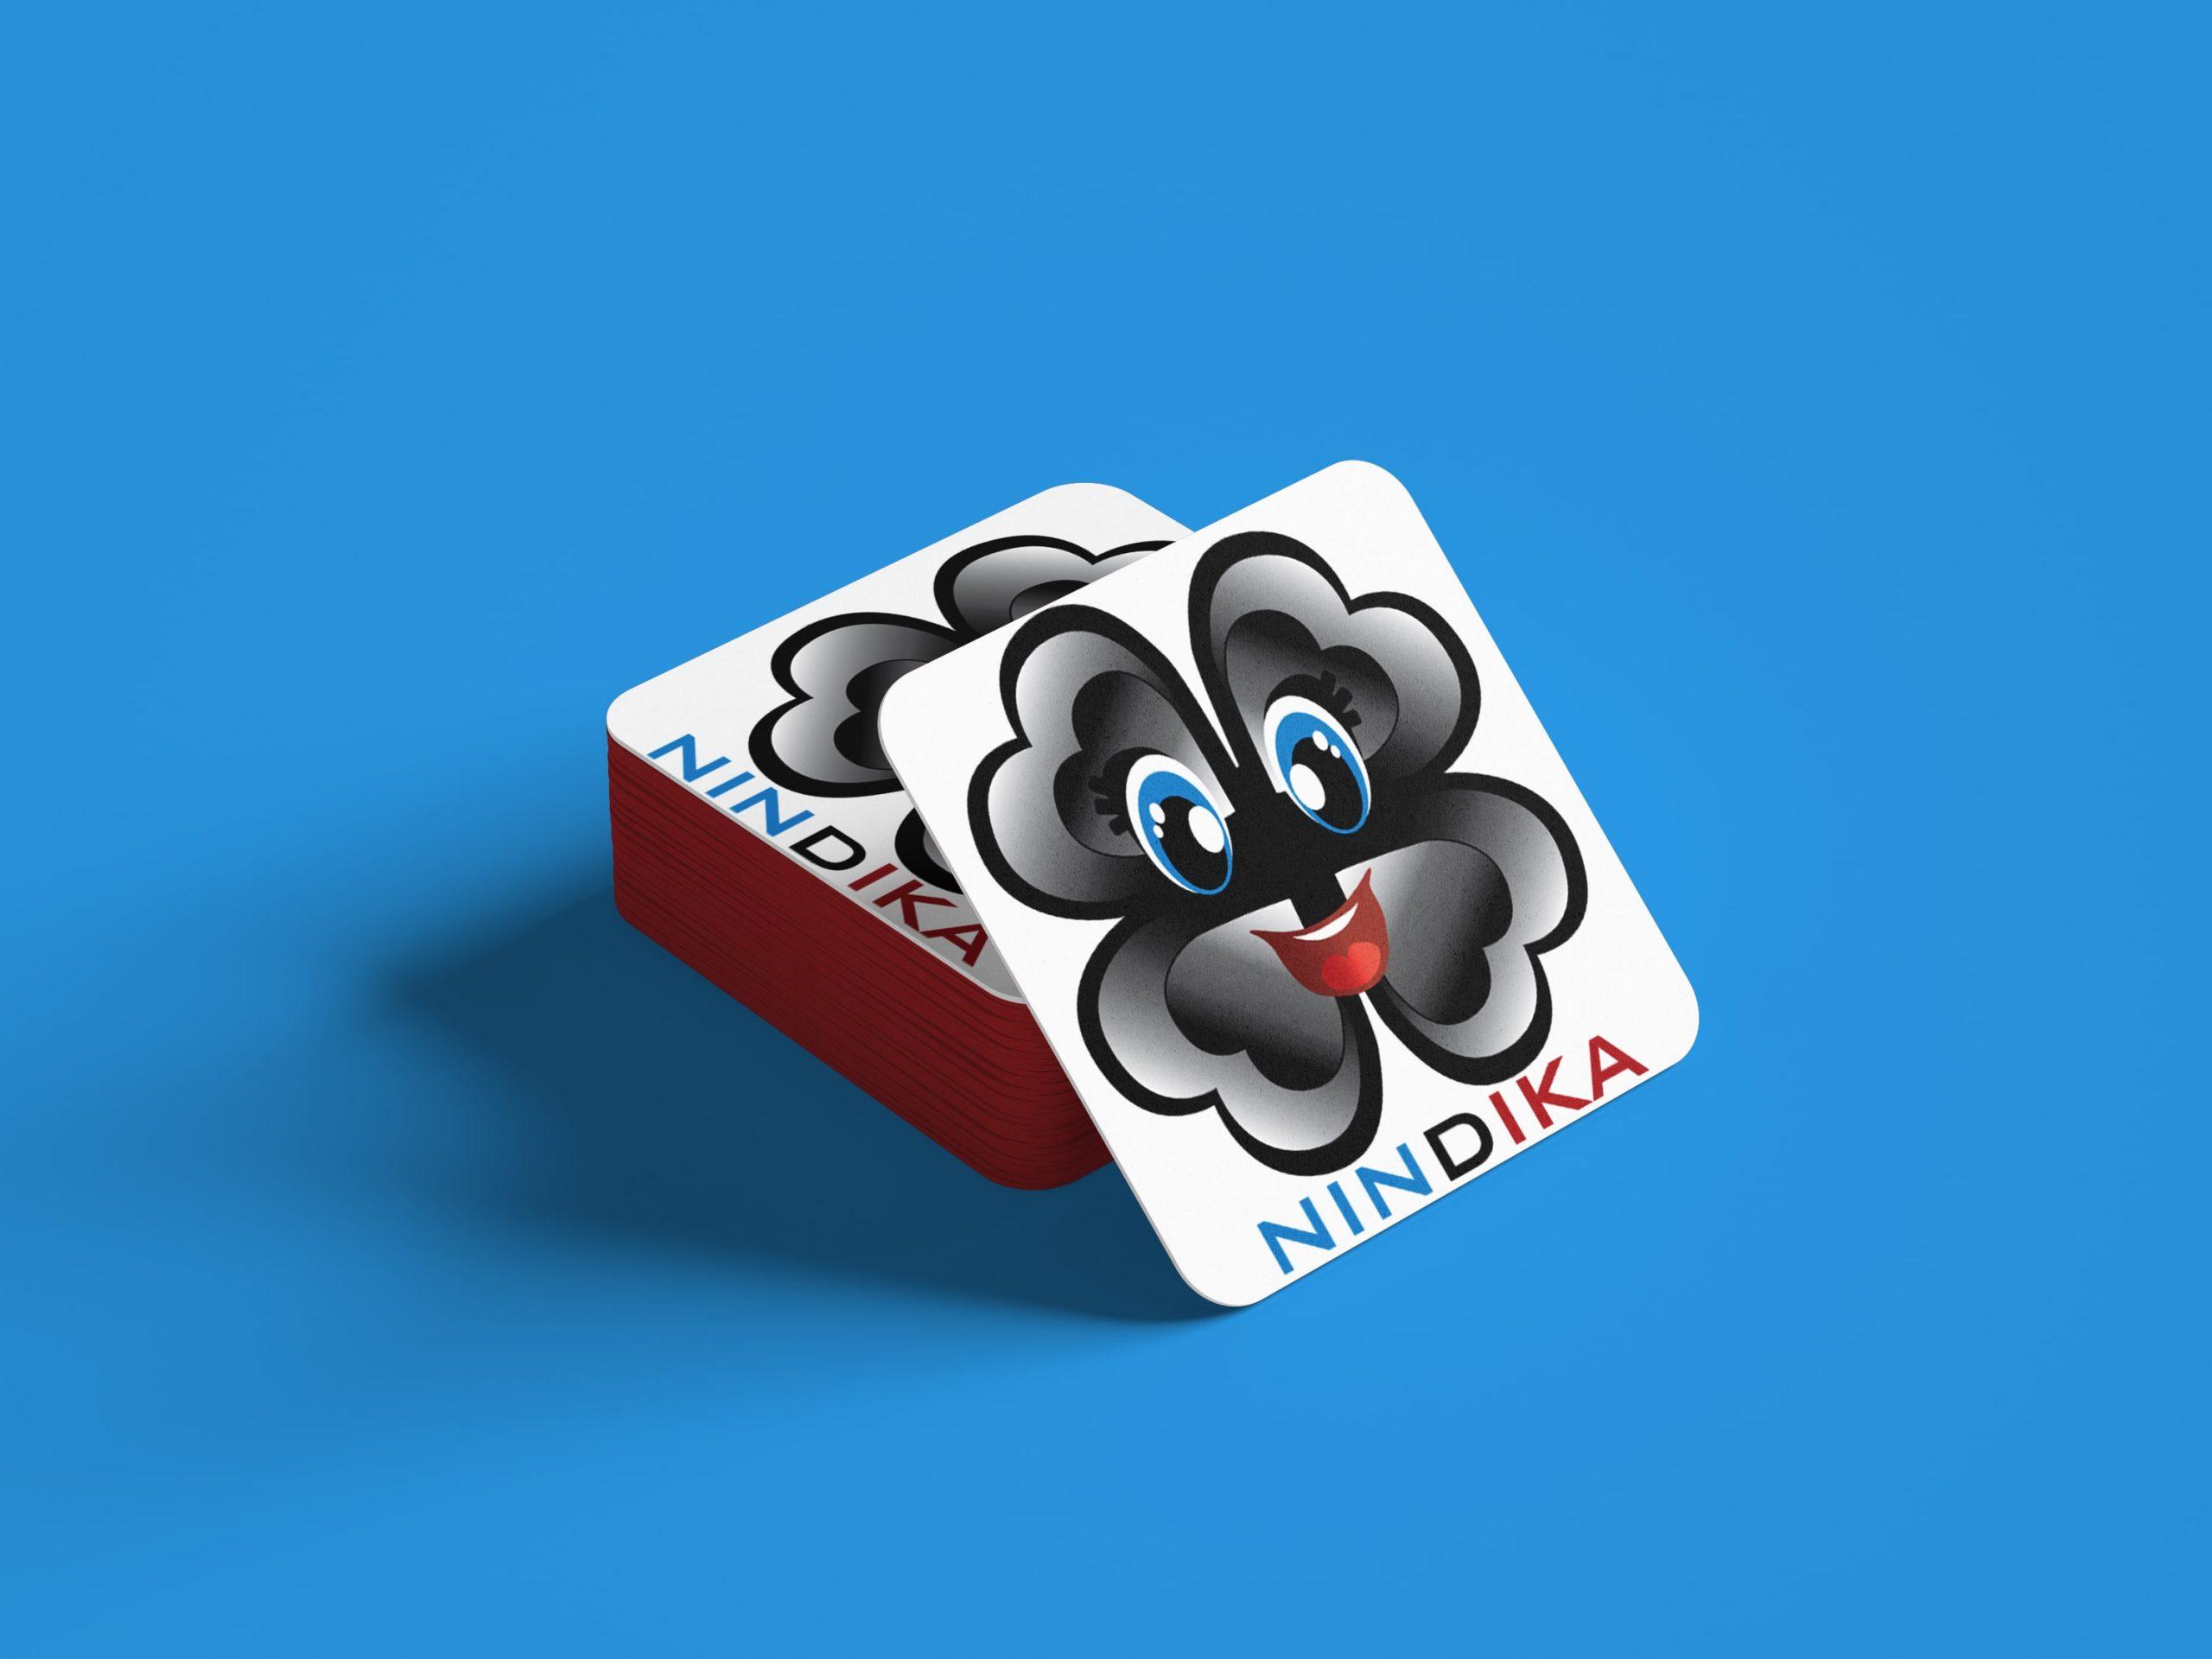 Beer-Coaster-NINDIKA logo